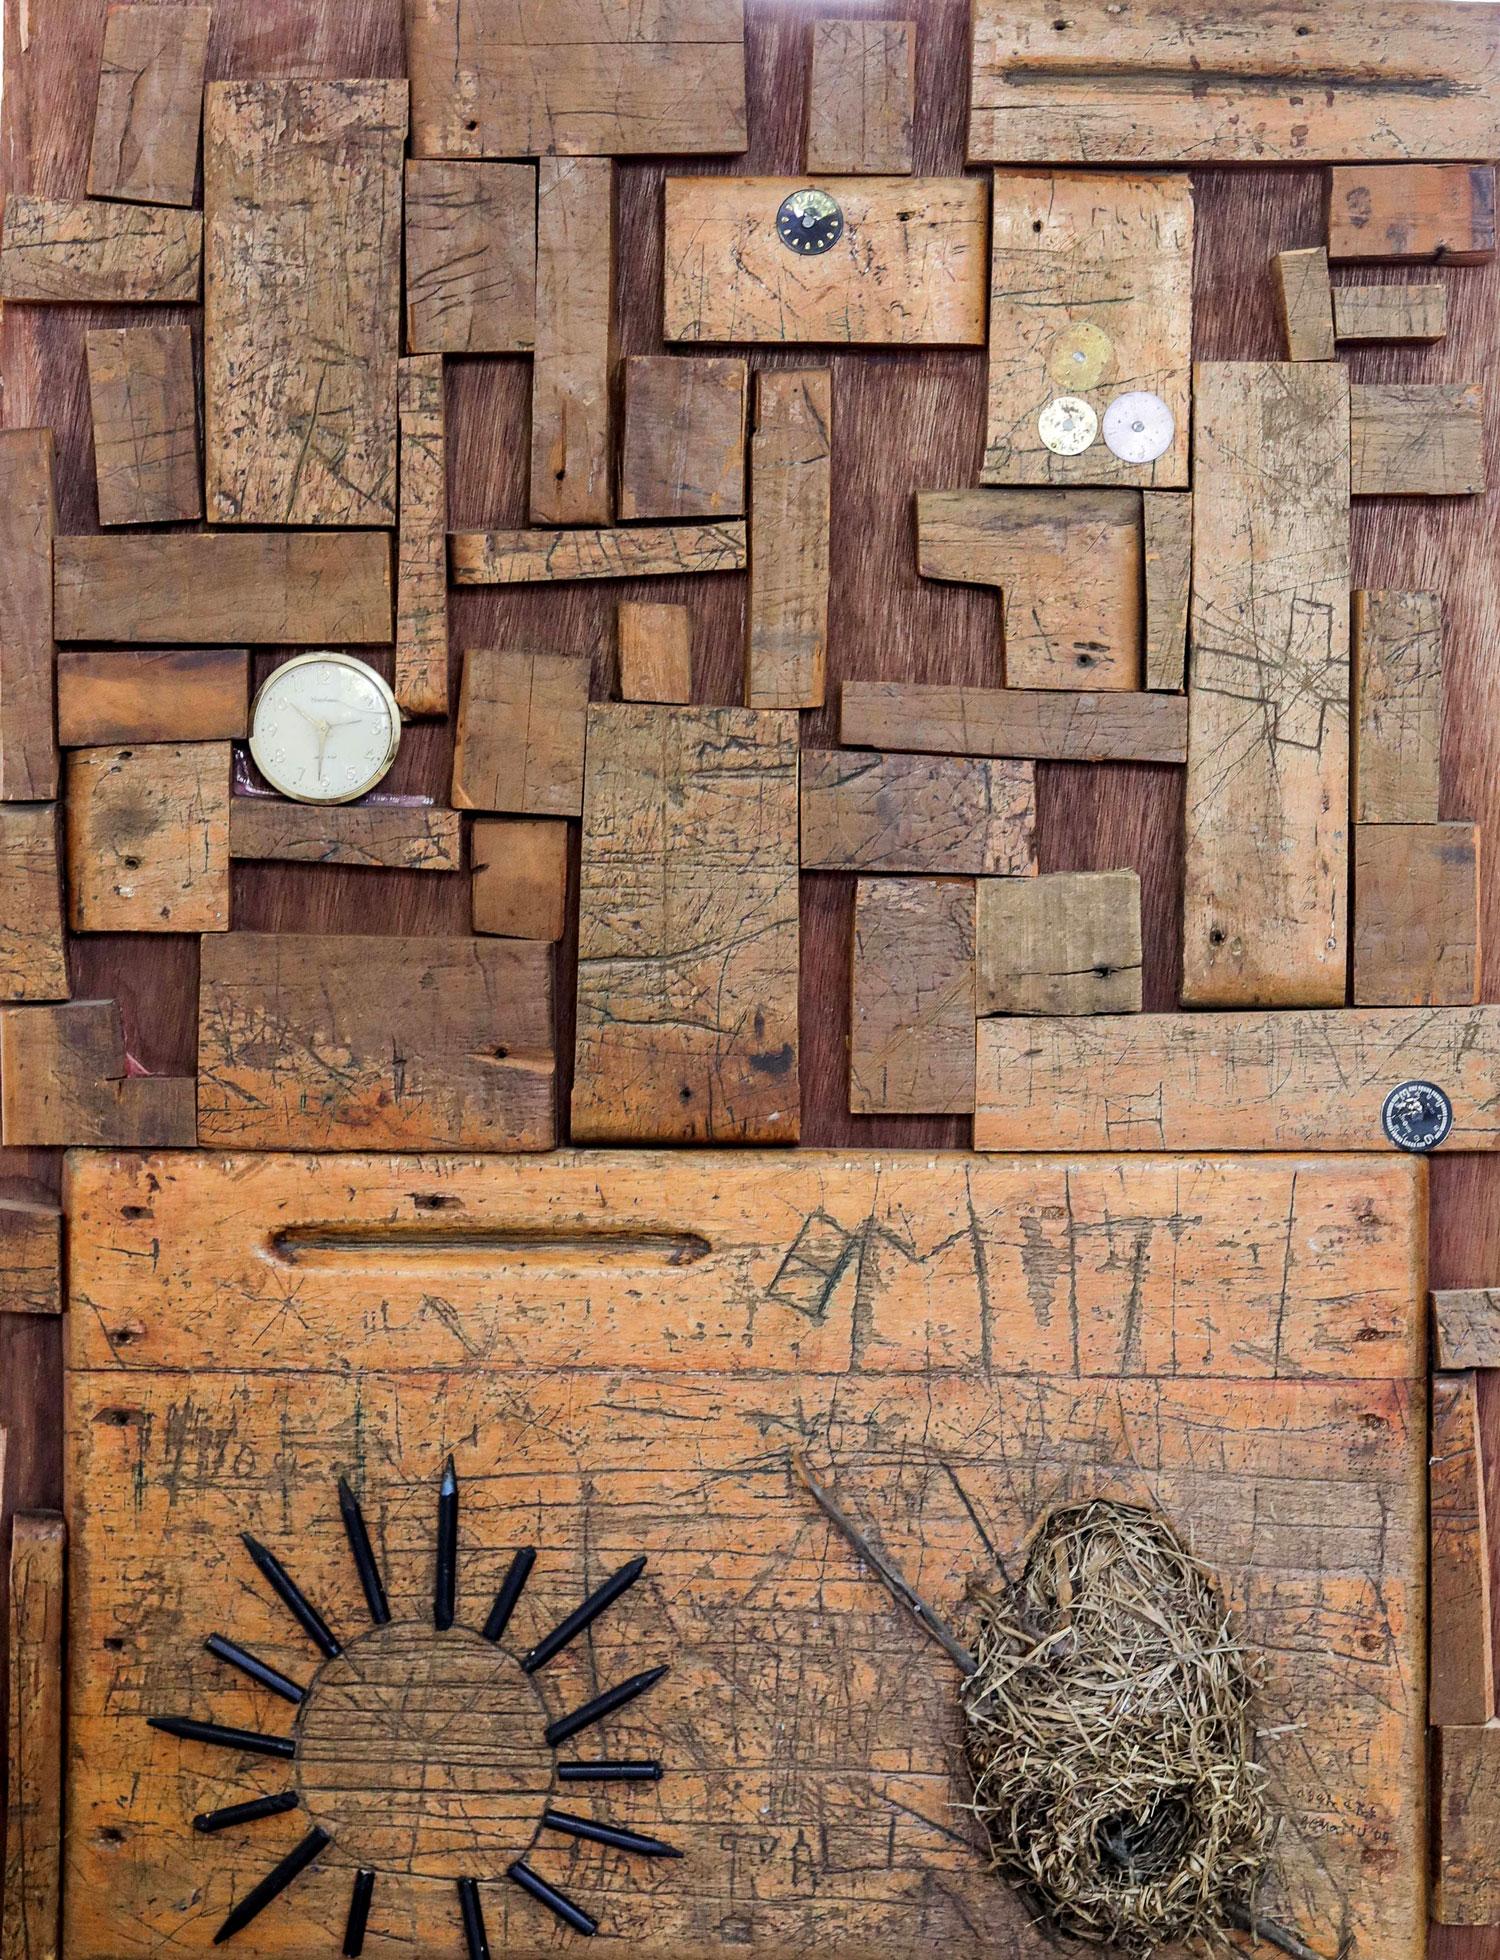 Alliance-Arts-Collaction-6781---Copy-91-Tesfahun-Kibru